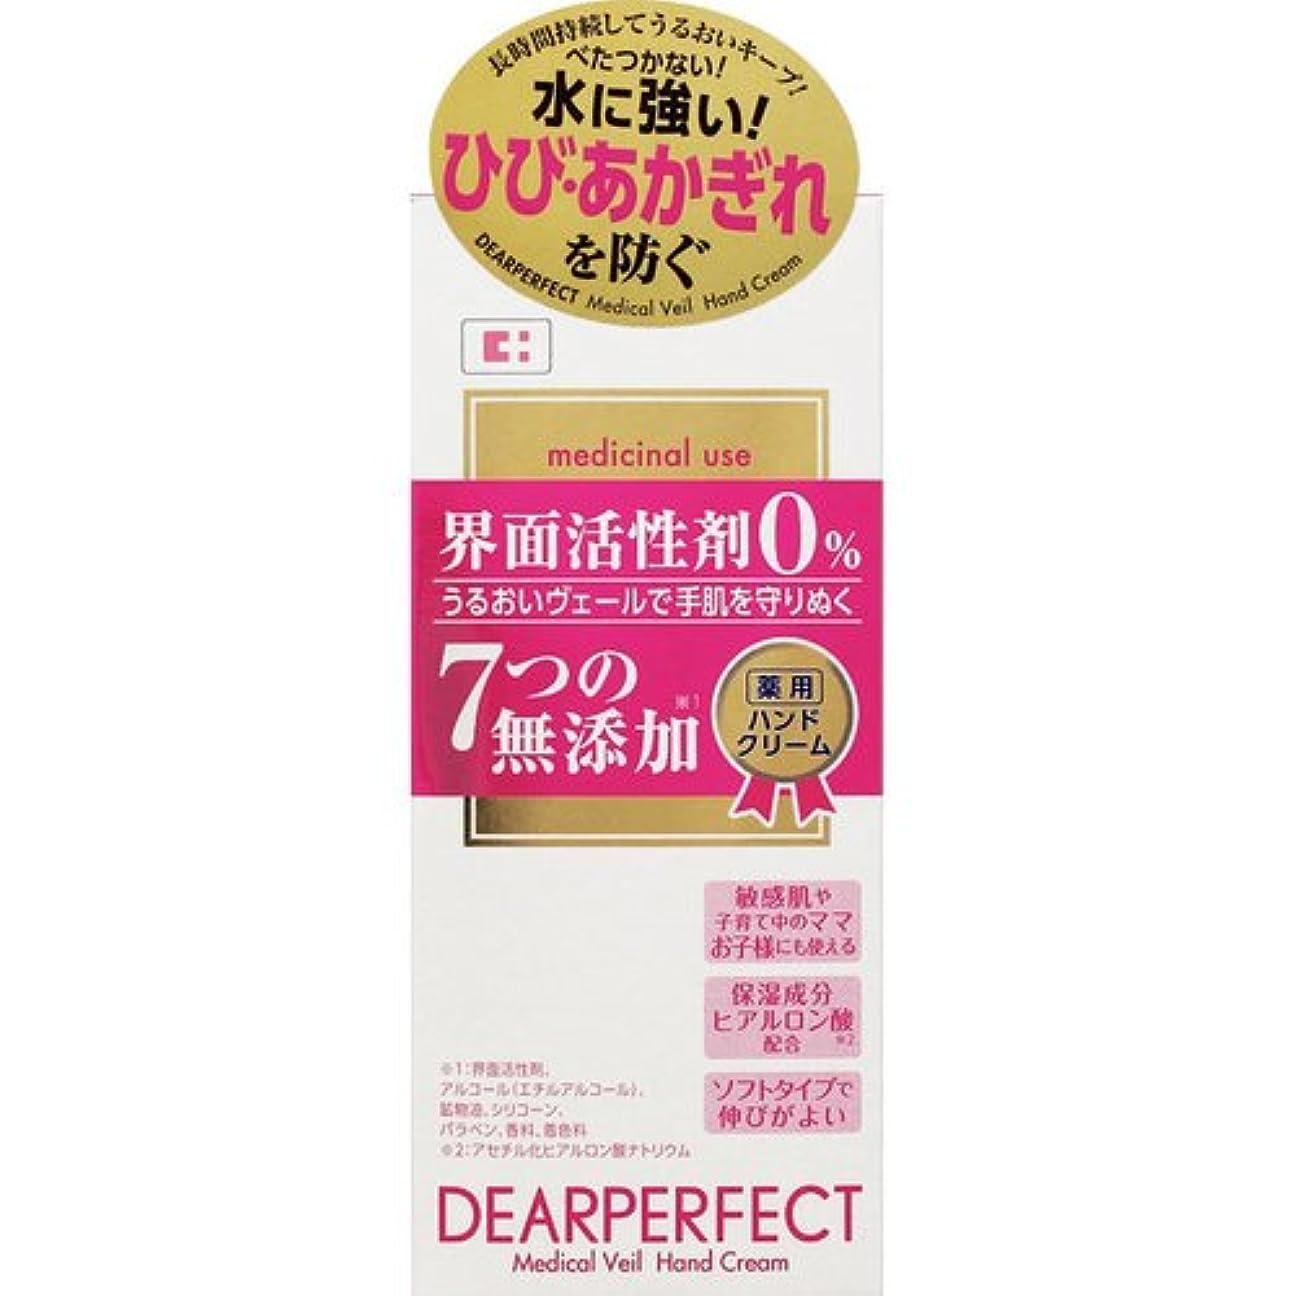 ドラフト最小化するアマチュアディアパーフェクト 薬用ハンドクリーム 40g [医薬部外品]